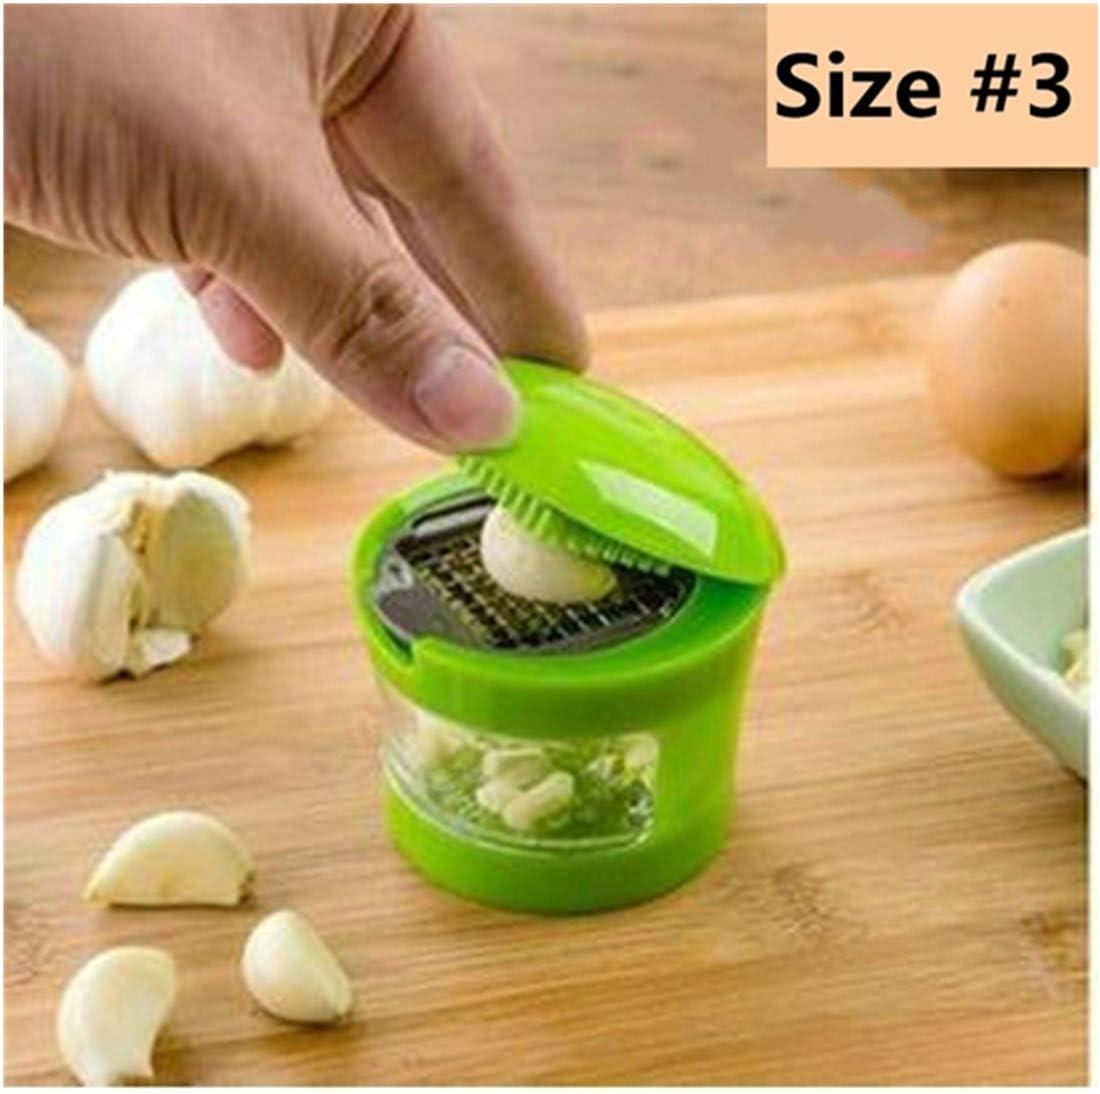 Garlic Press Kitchen Plastic Hand Helper Peeler Cutters Crusher Twist Tool IF